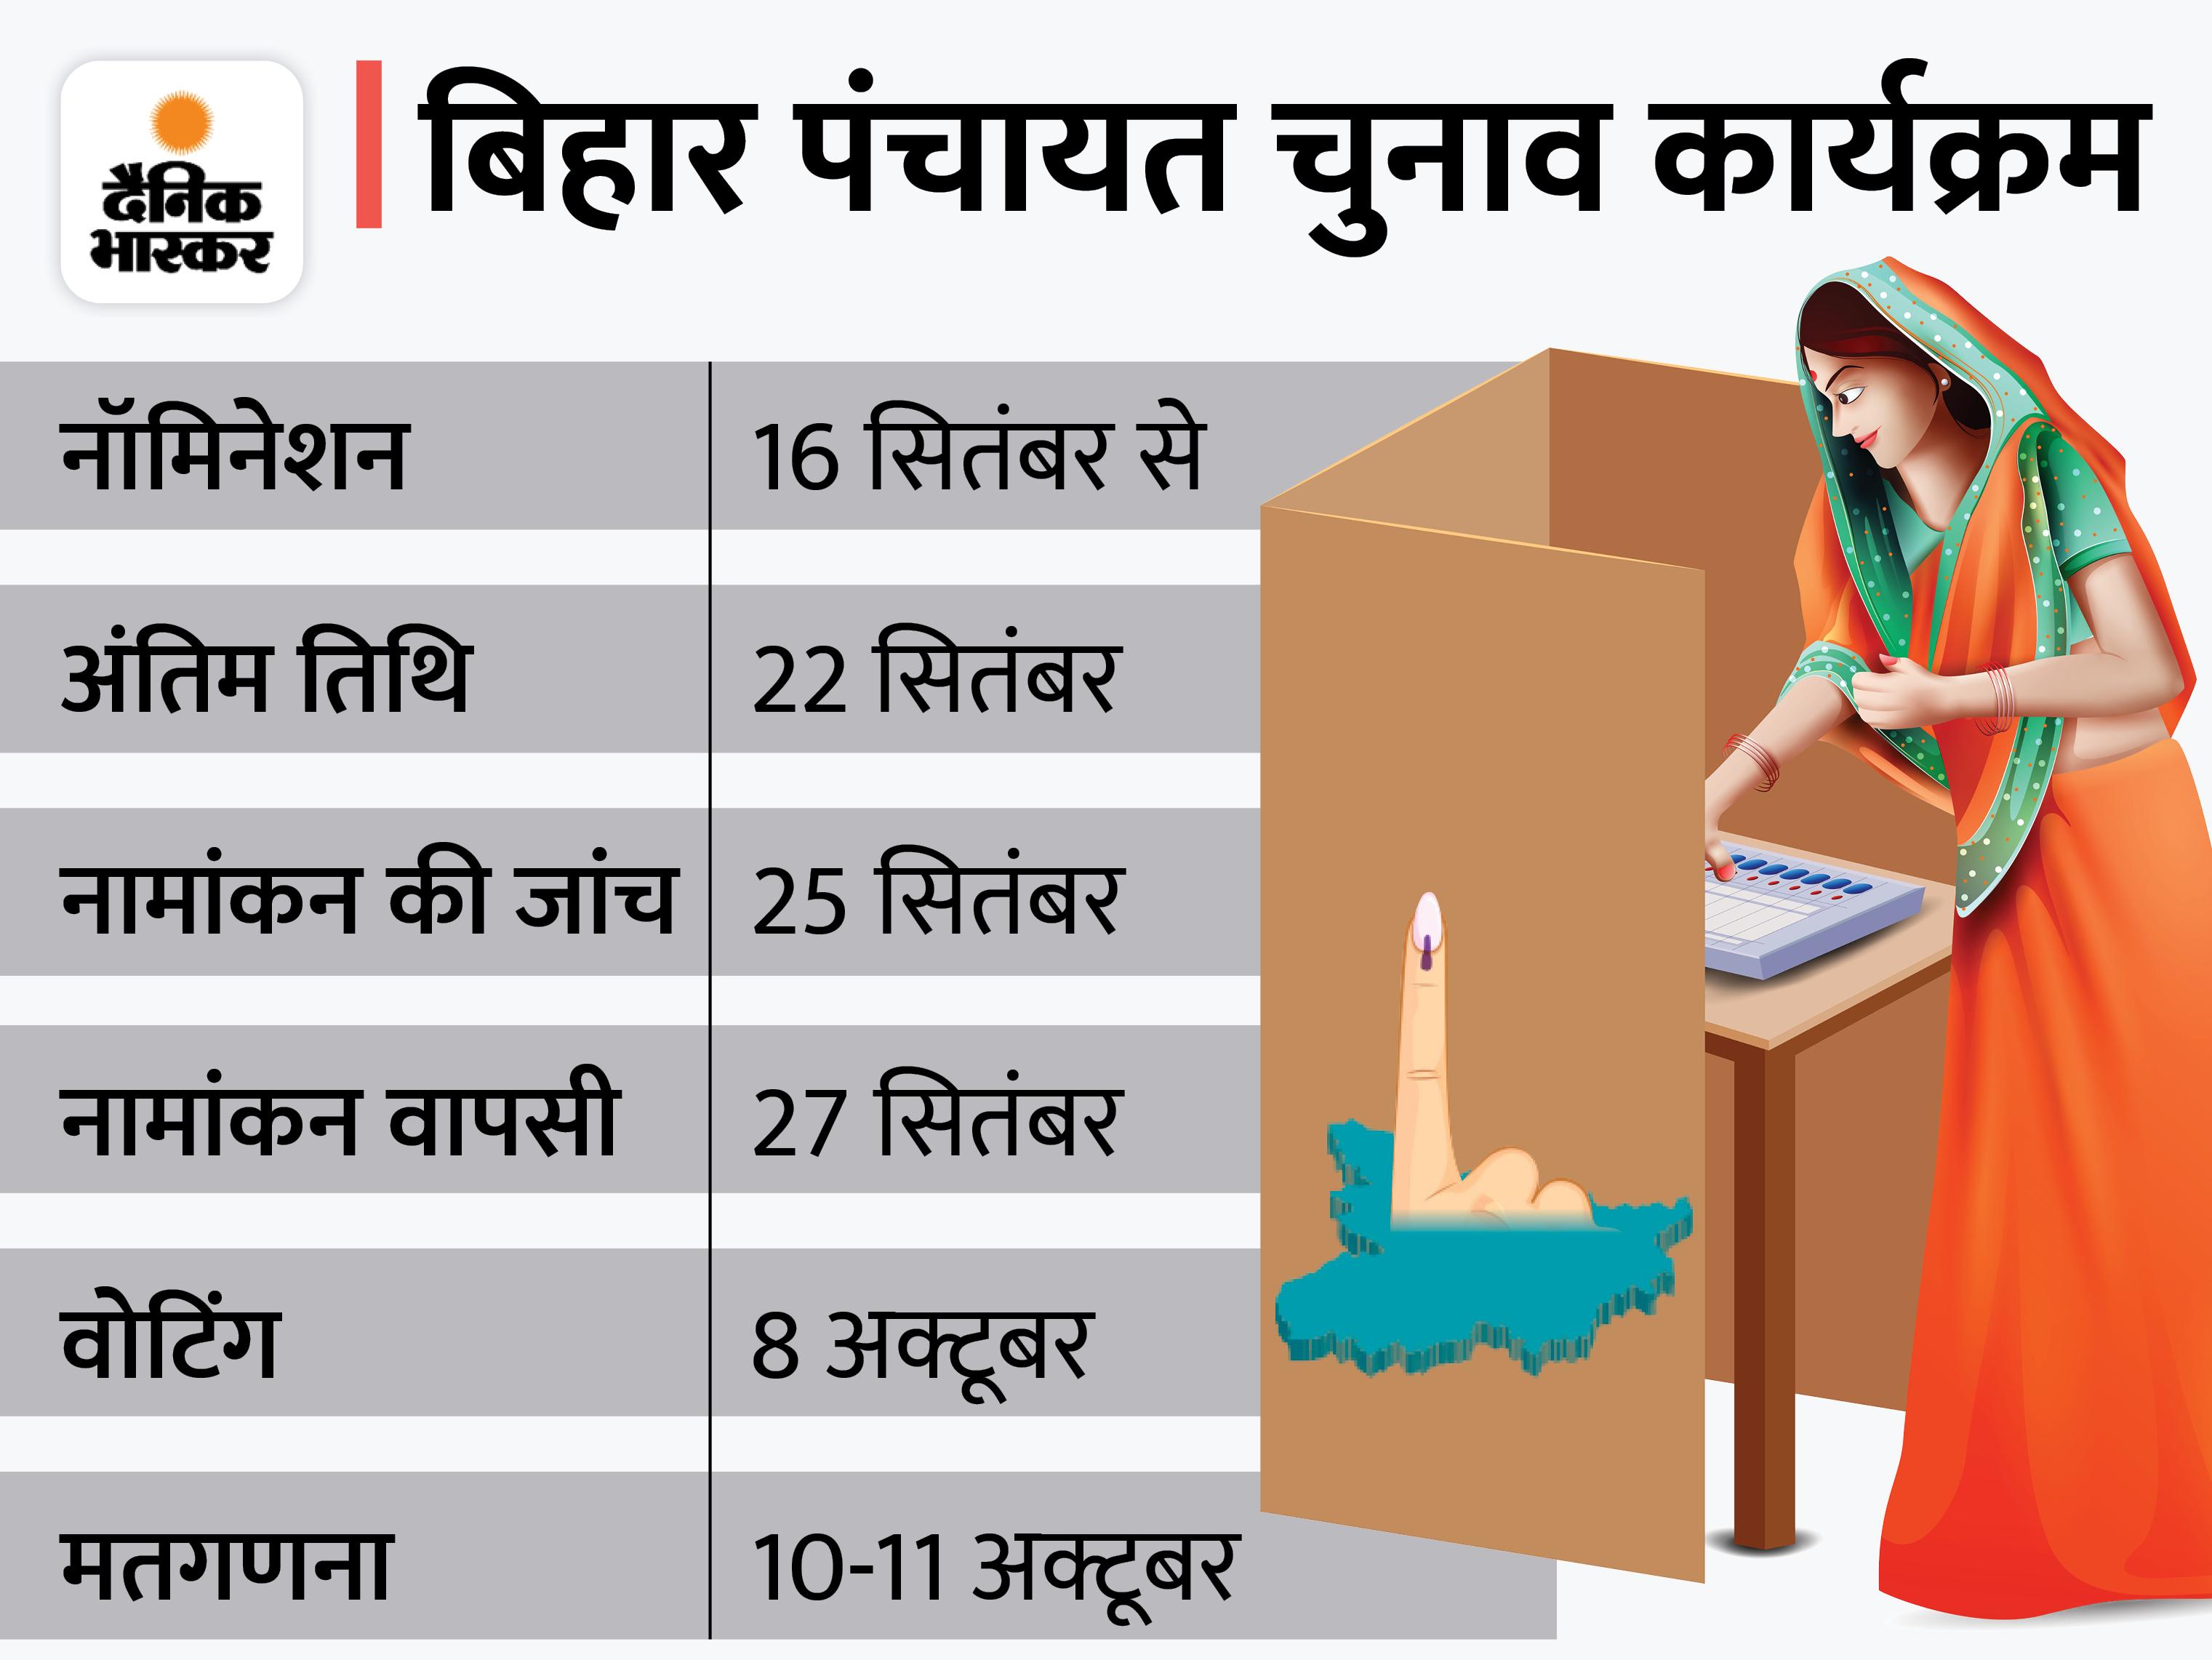 16 से 22 सितंबर तक होगा नामांकन, 8 अक्टूबर को होगा मतदान; दूसरे चरण में नौबतपुर और बिक्रम के लिए चल रही है पूरी तैयारी|पटना,Patna - Dainik Bhaskar